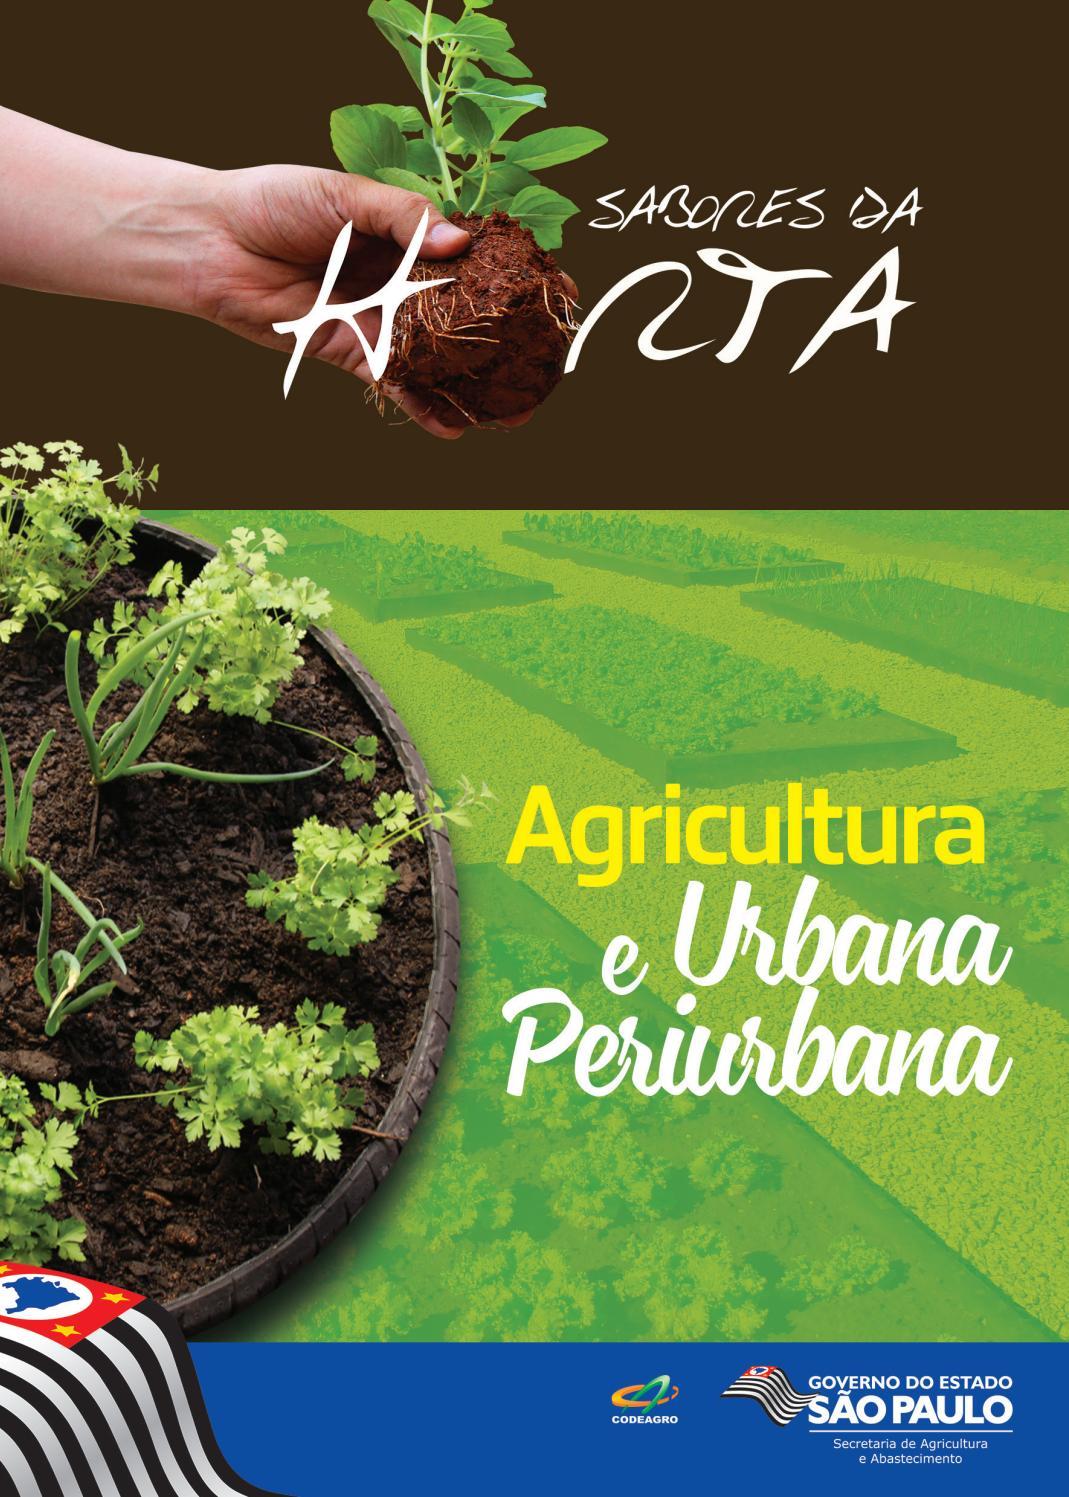 Sabores da horta: Agricultura Urbana e Periurbana by